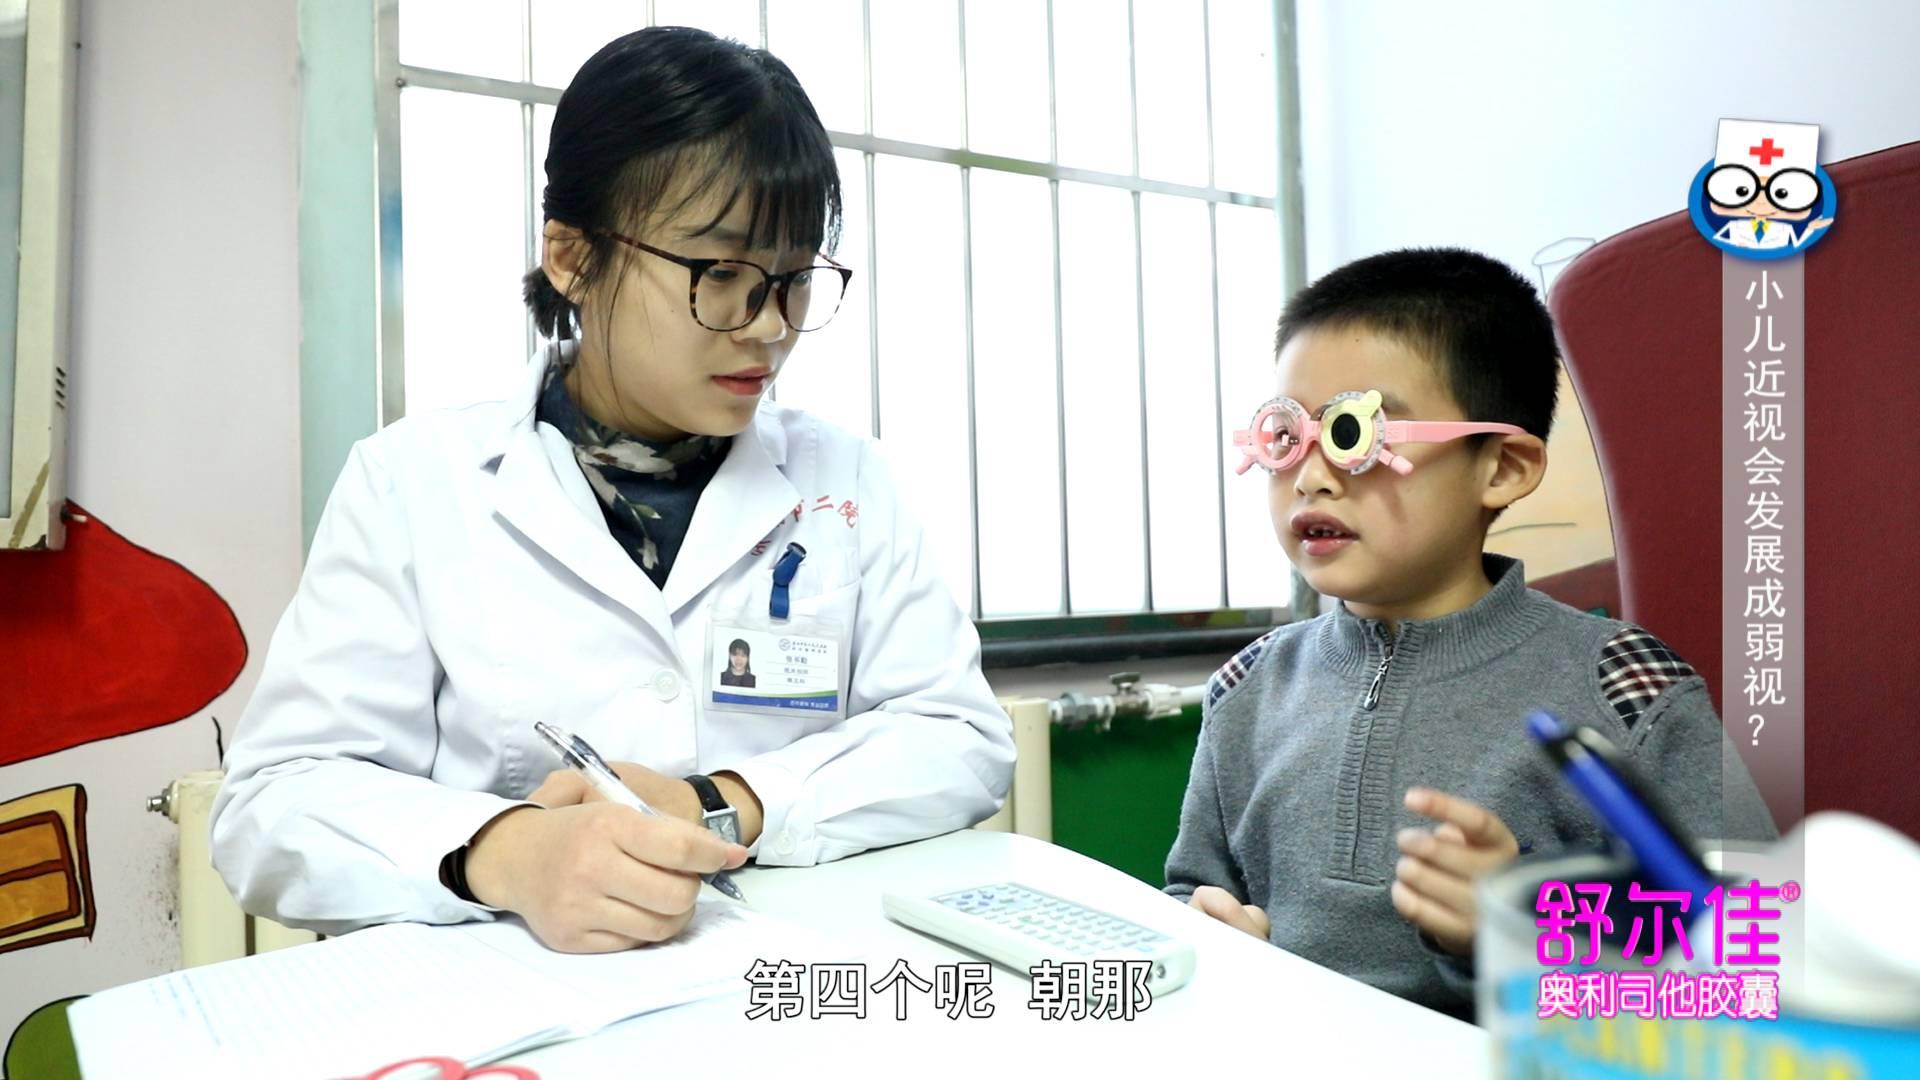 《身体健康》:小儿近视戴眼镜仍看不清,当心是弱视